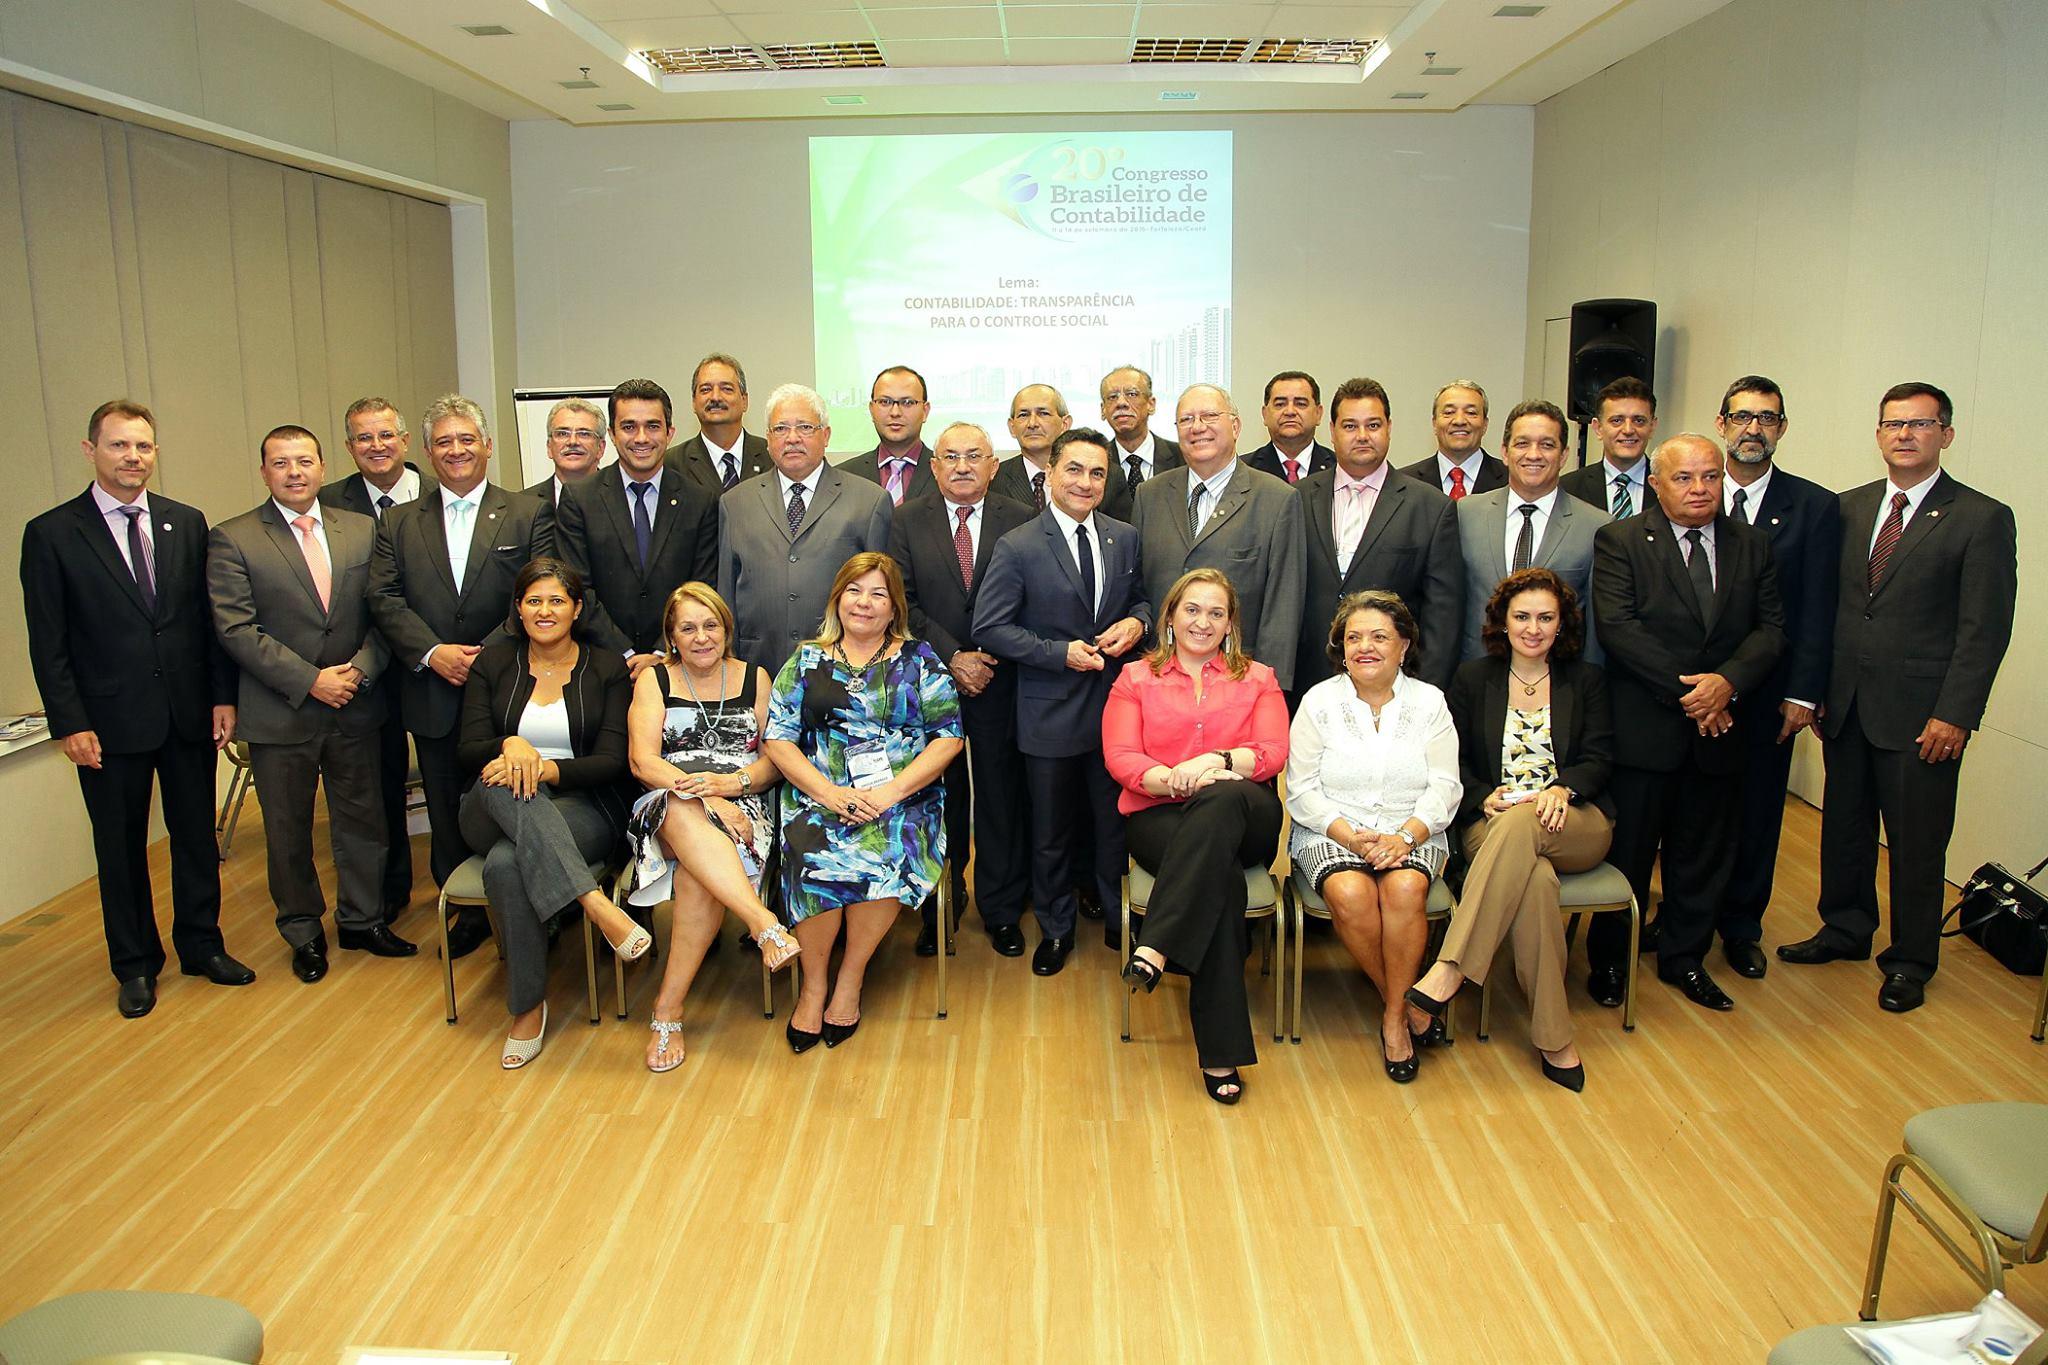 Encontro de presidentes Fortaleza 29-01-16